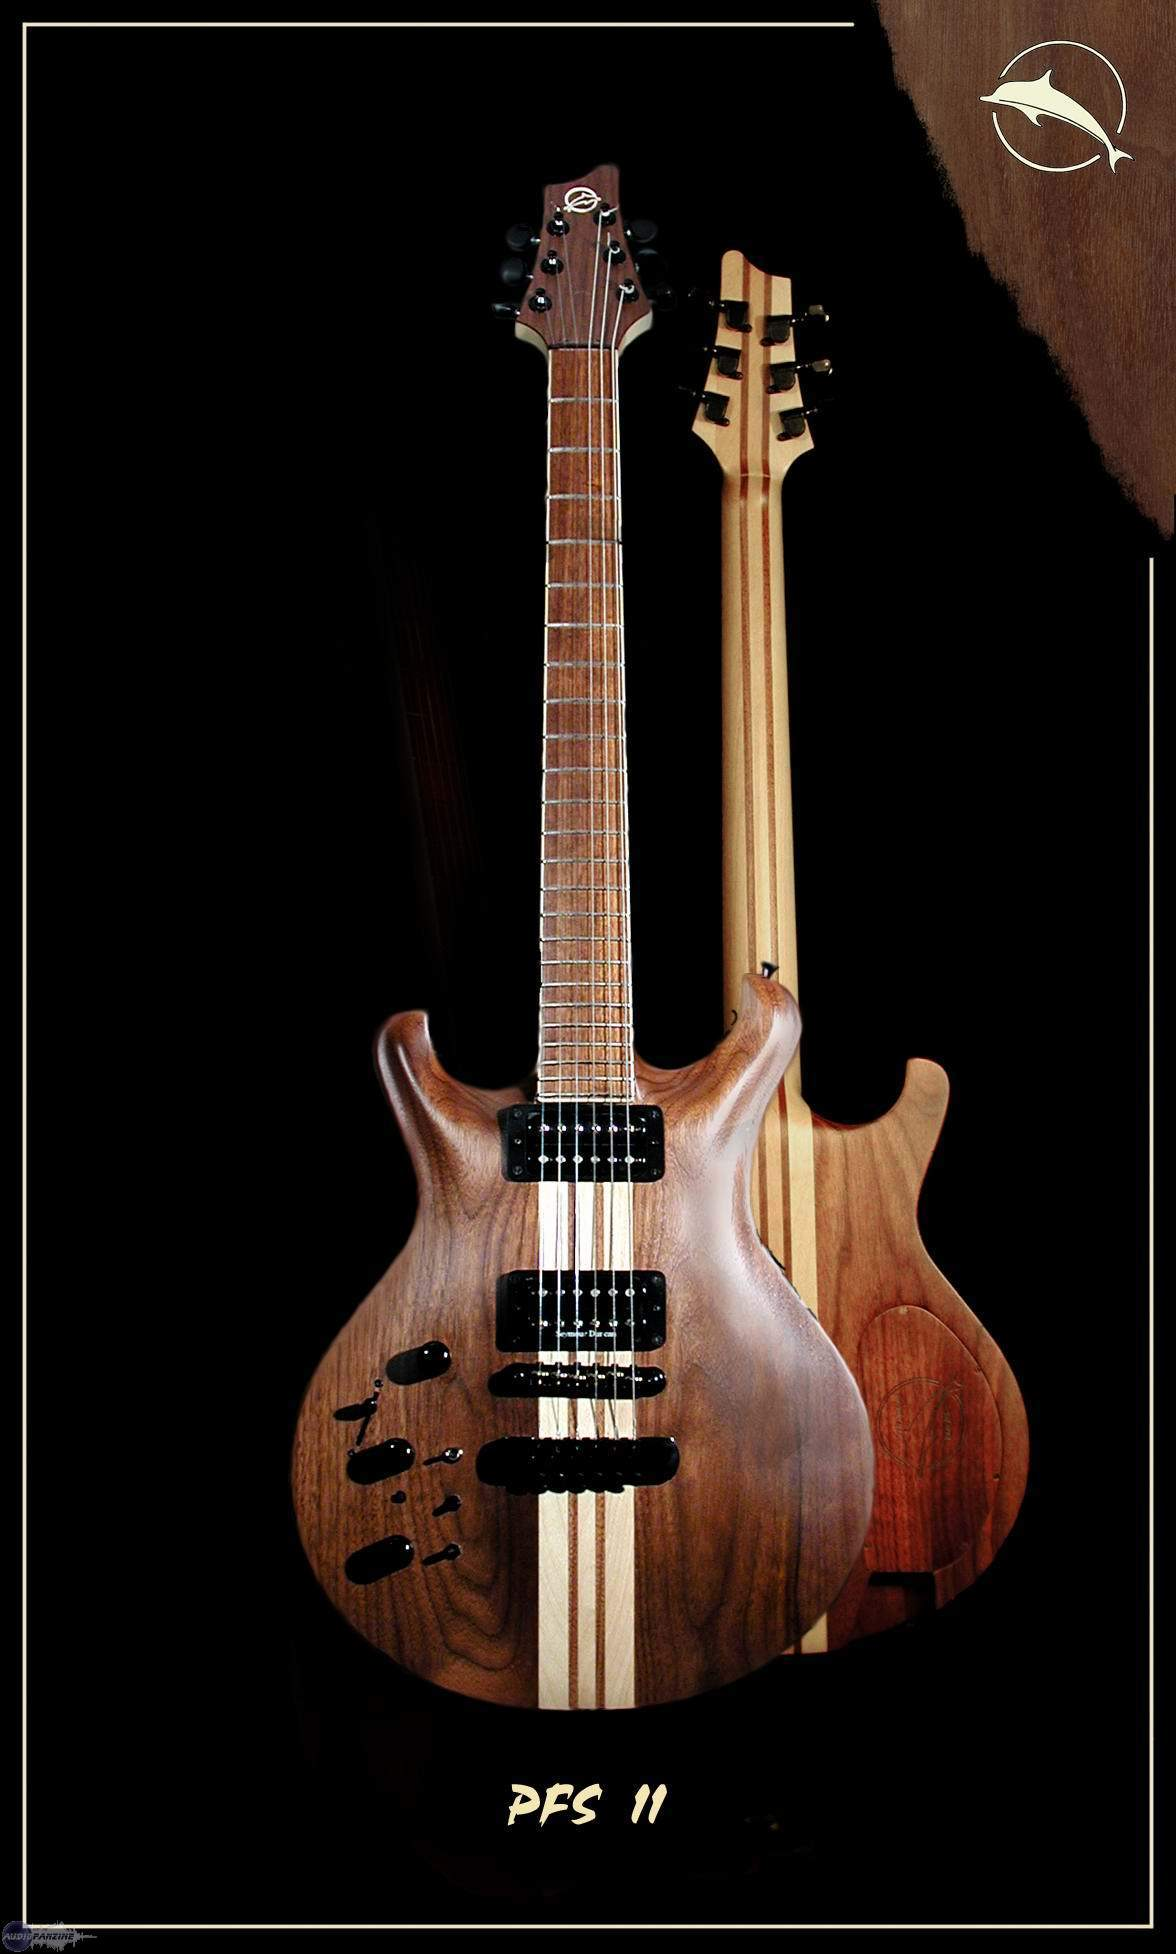 guitare electrique noyer